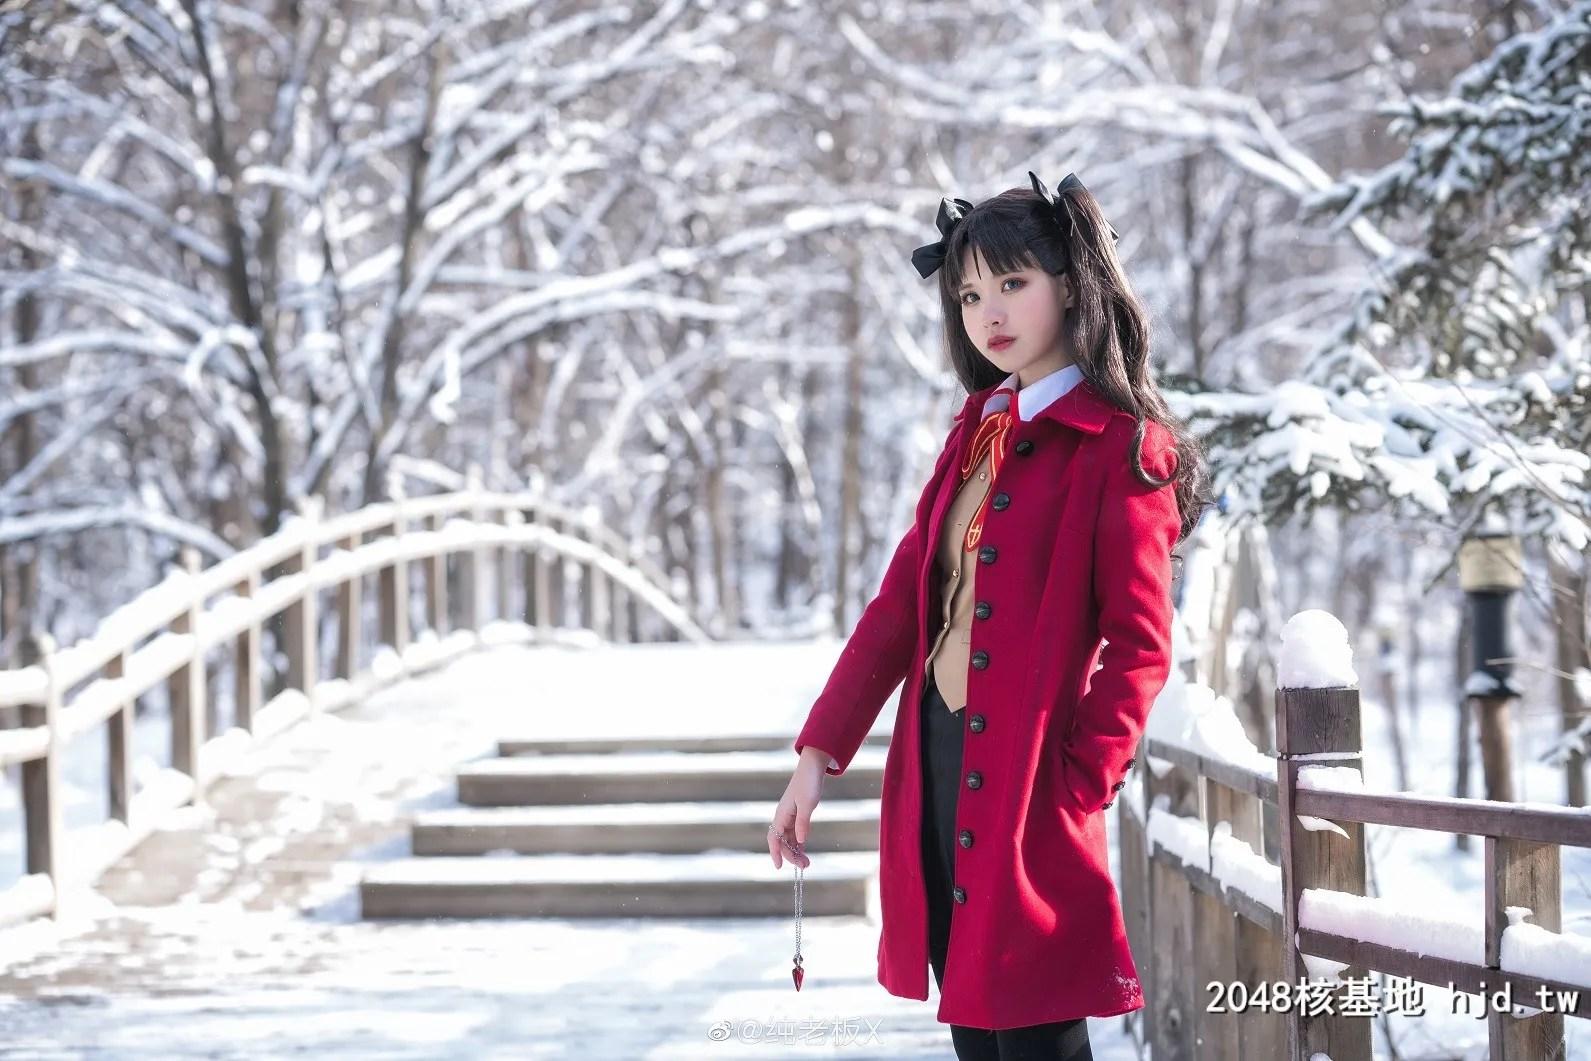 Fate/stay night远坂凛@纯老板X (10P)插图(4)